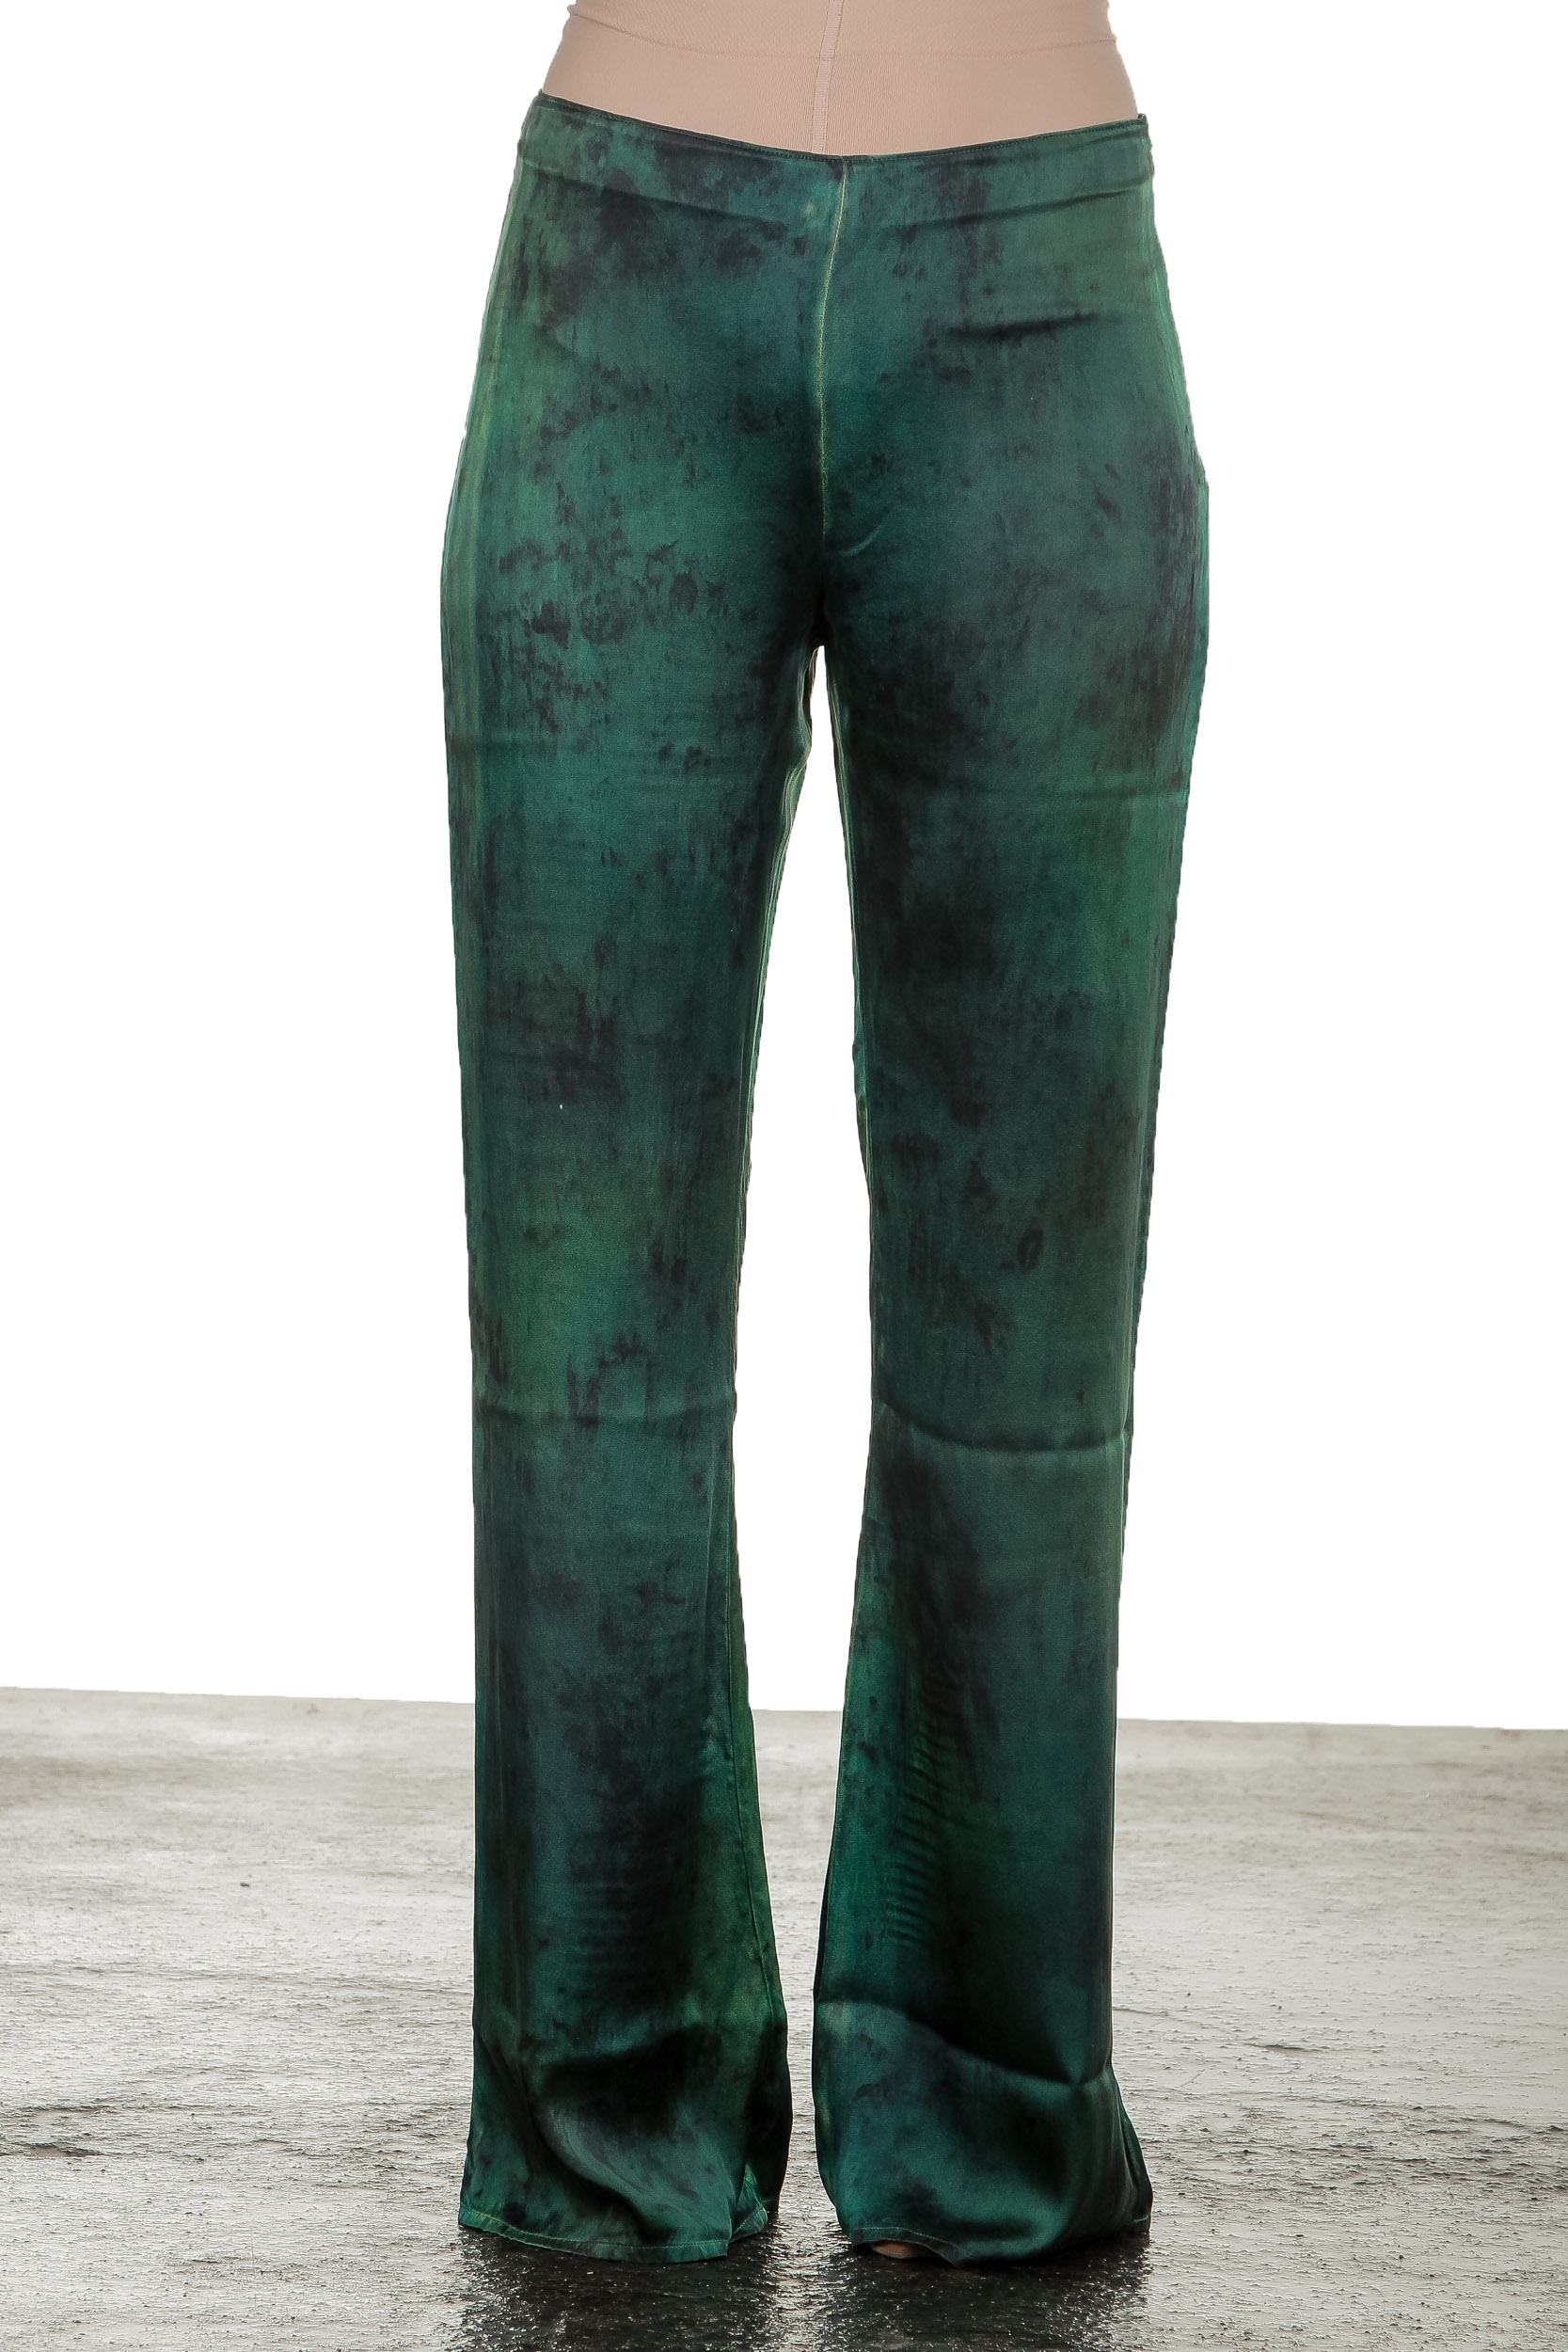 Hosen - AVANT TOI Damen Hose aus Seidenmischung grün  - Onlineshop Luxury Loft